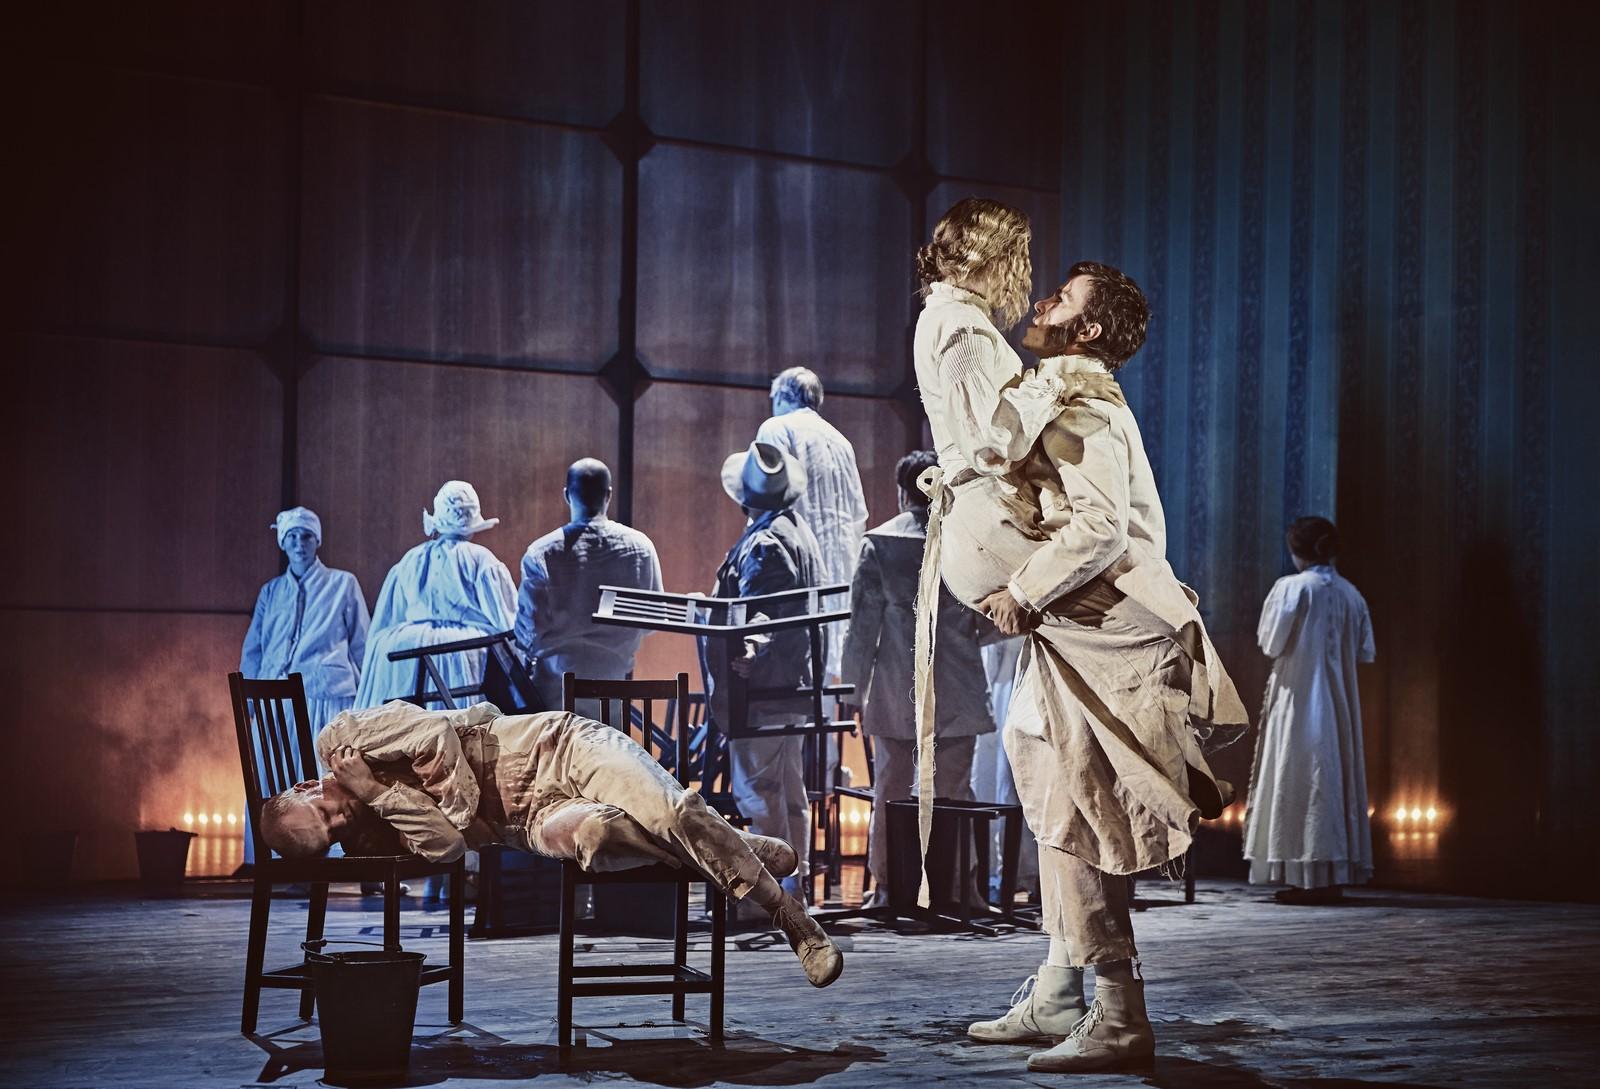 Anmeldelse: Tine, Aalborg Teater (streaming)